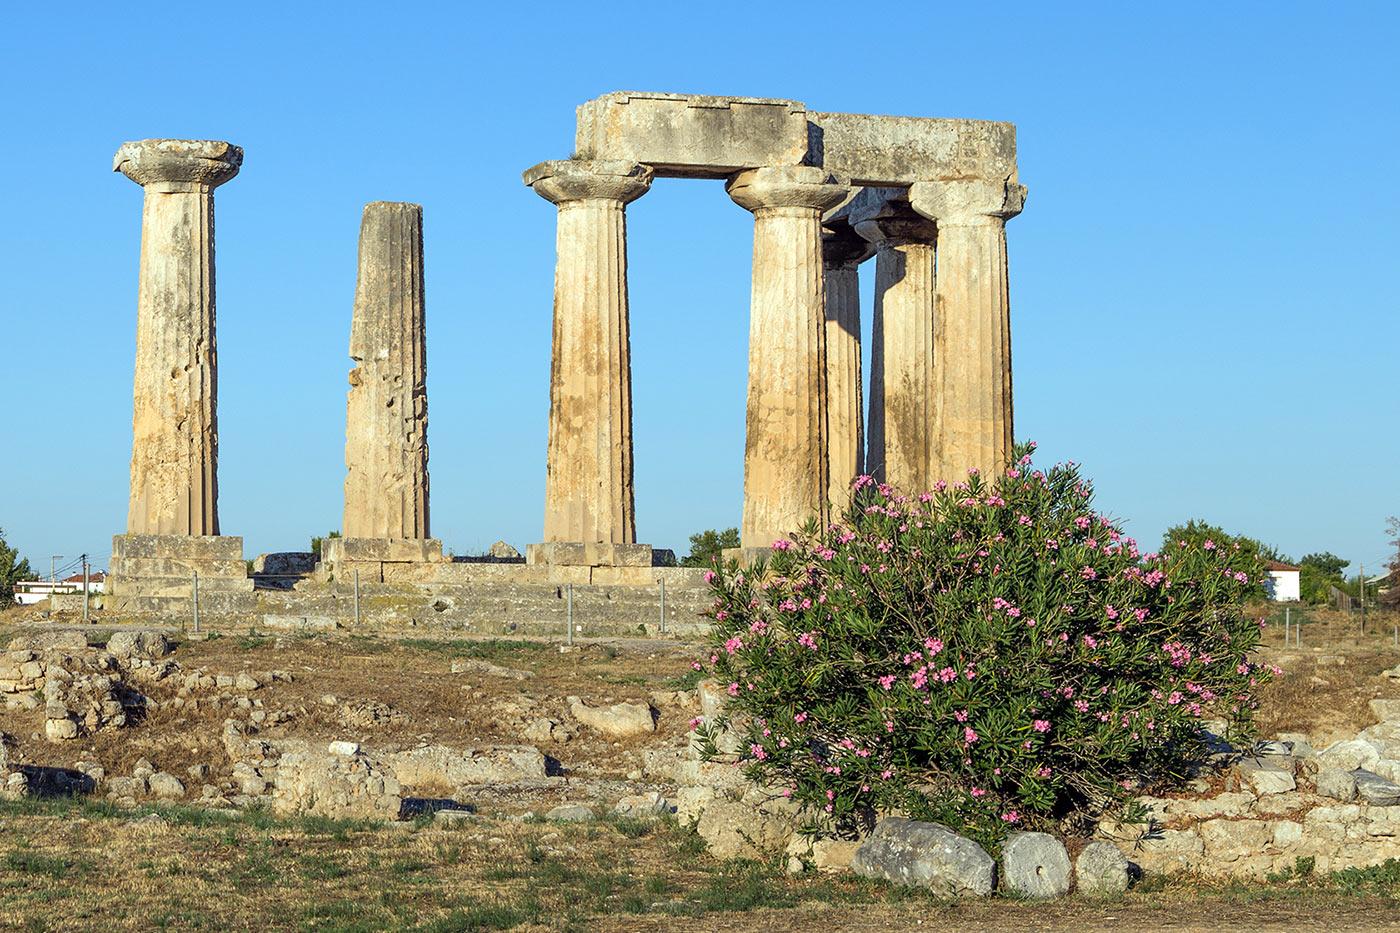 Η πρωτομαγιά στην Αρχαία Ελλάδα και την ιστορία